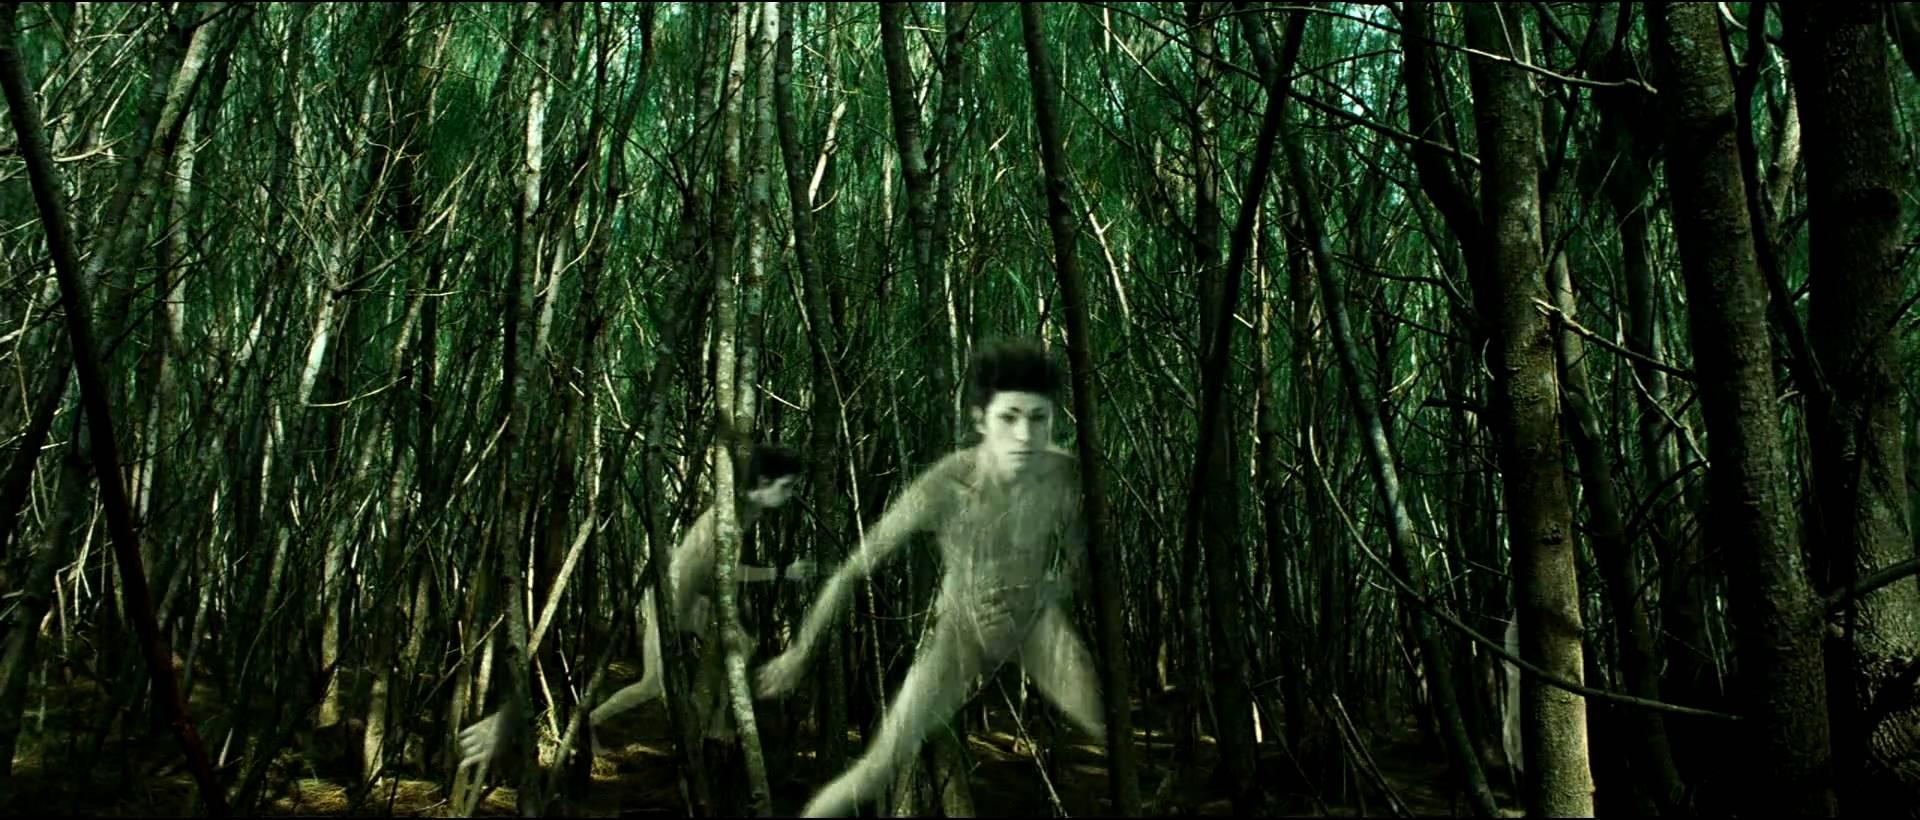 The Tempest | trailer #1 US (2010) New York Film Festival